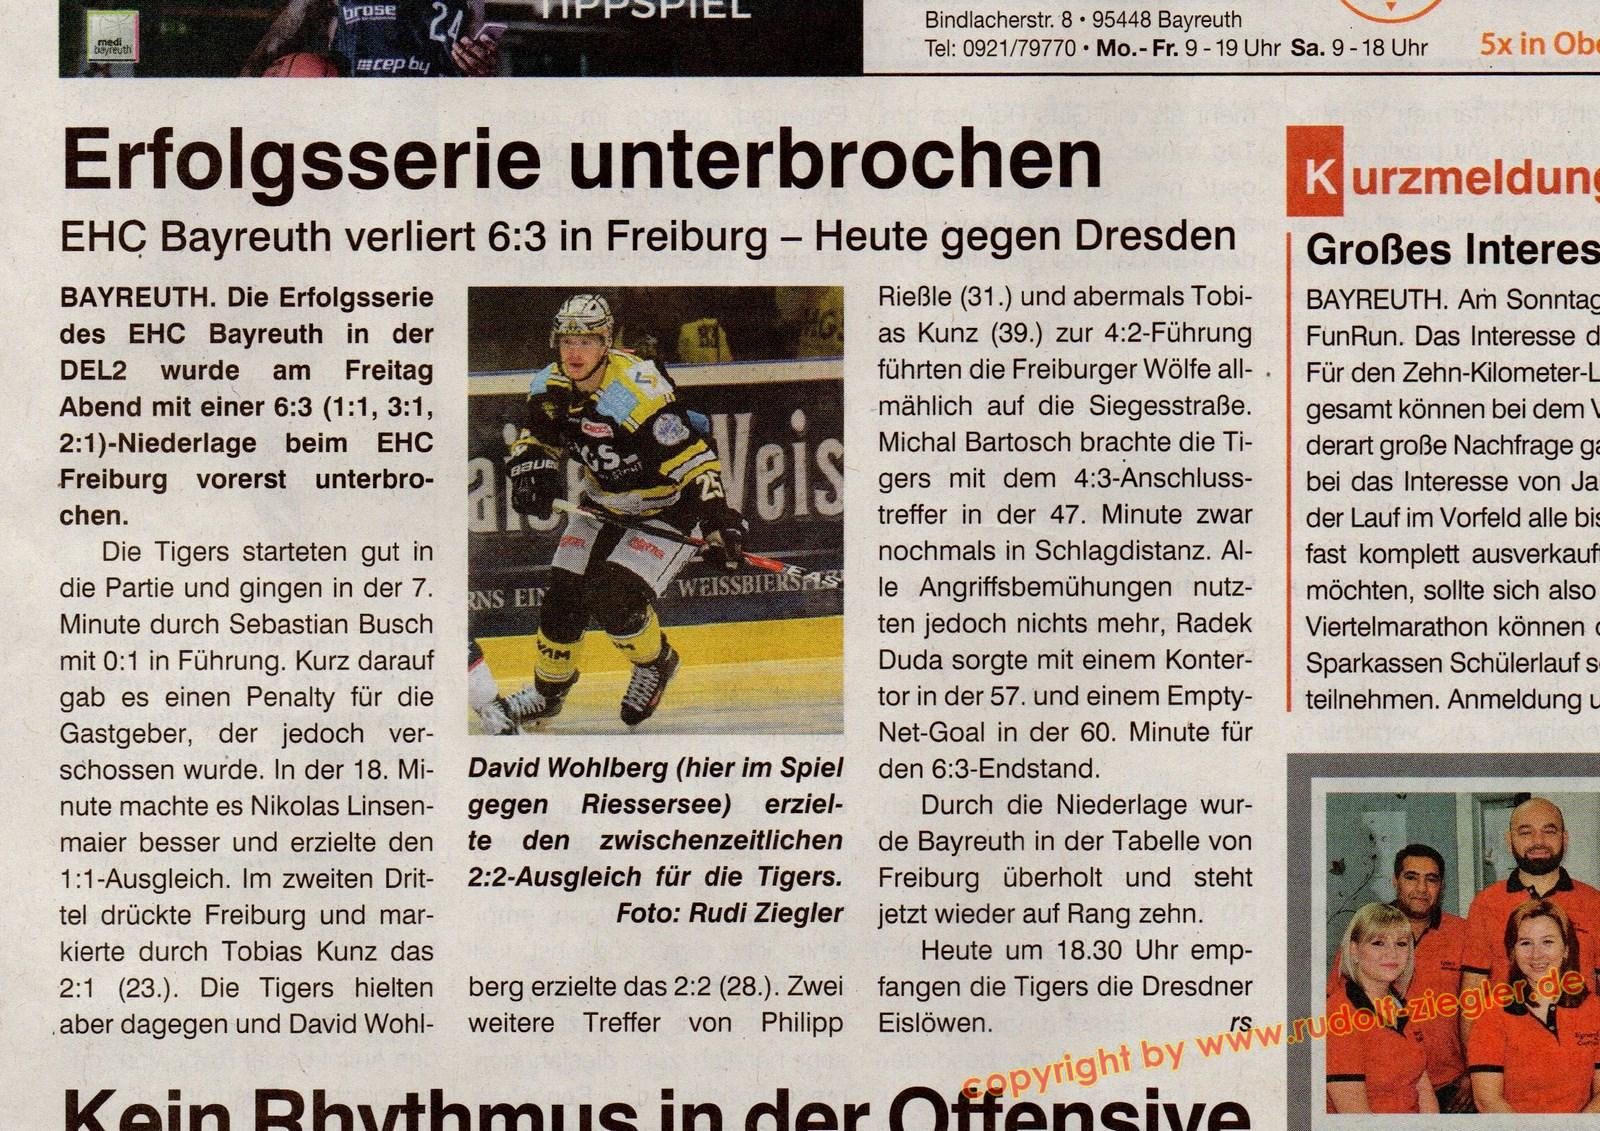 Bayreuther Sonntagszeitung 2017-01-15-A (1600x1200)